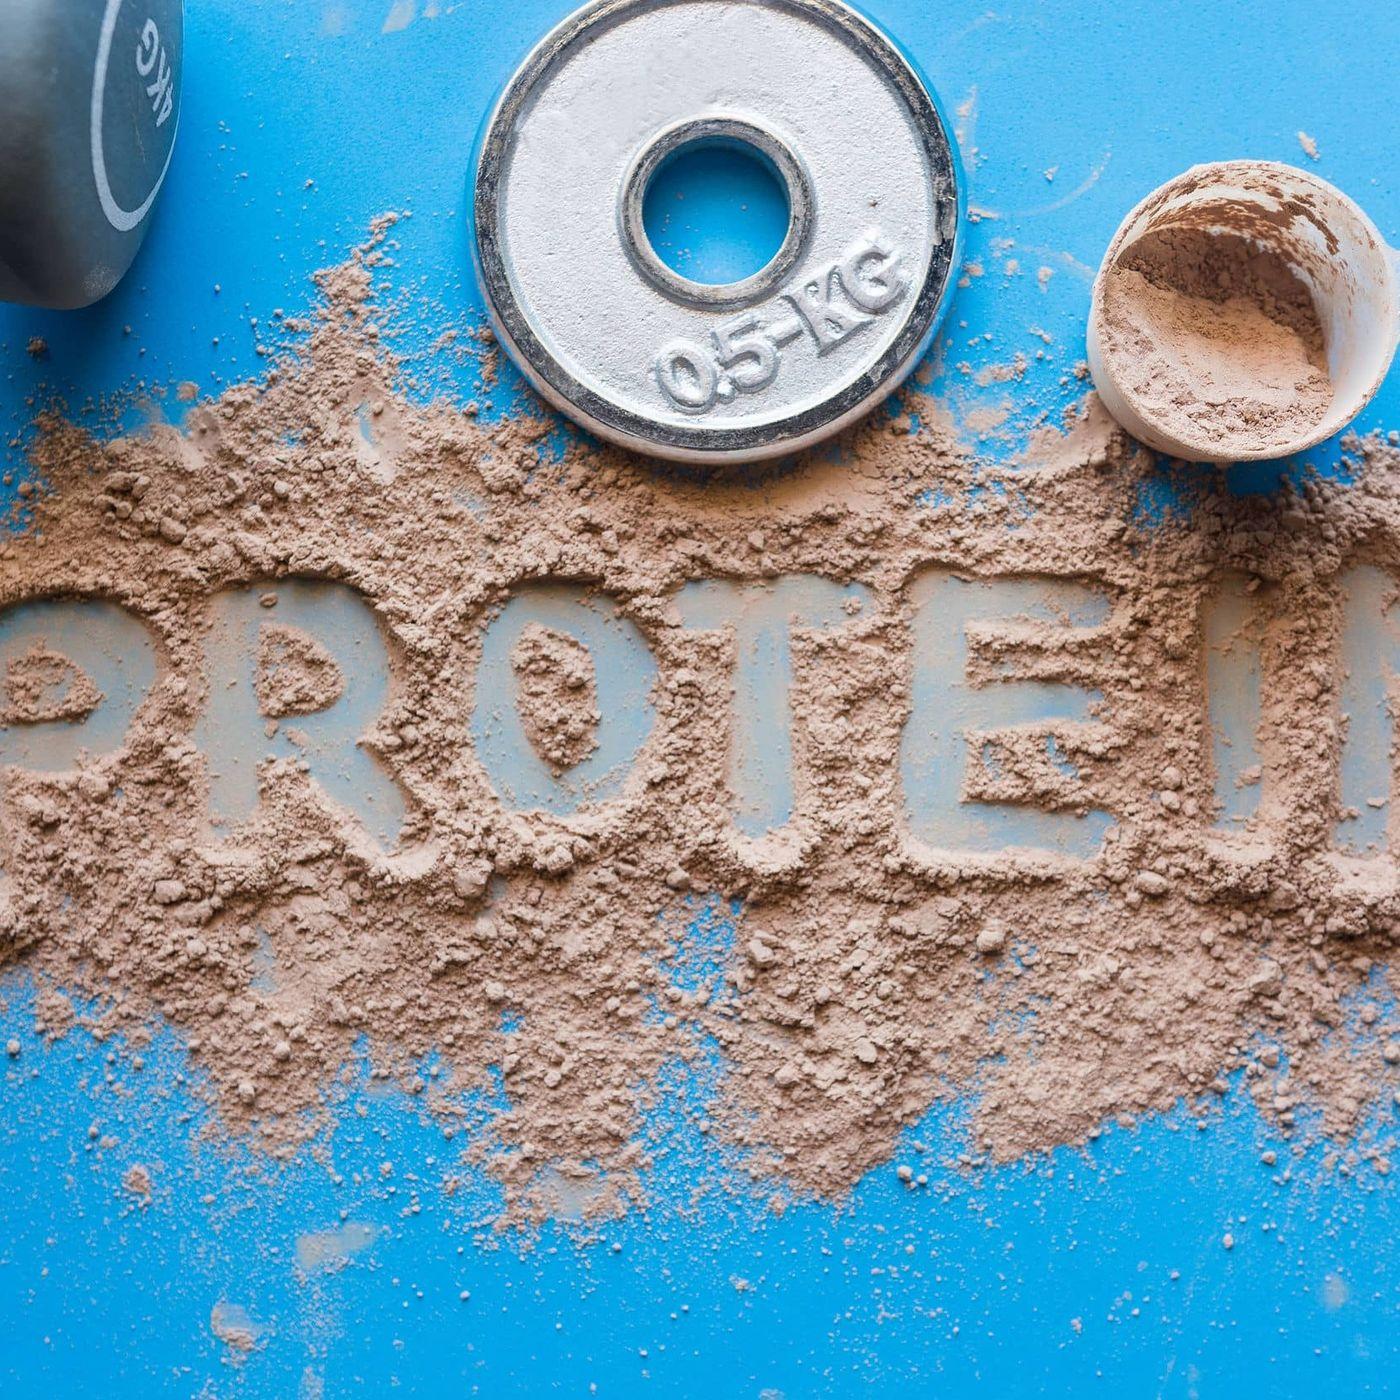 Proteine in polvere? si grazie